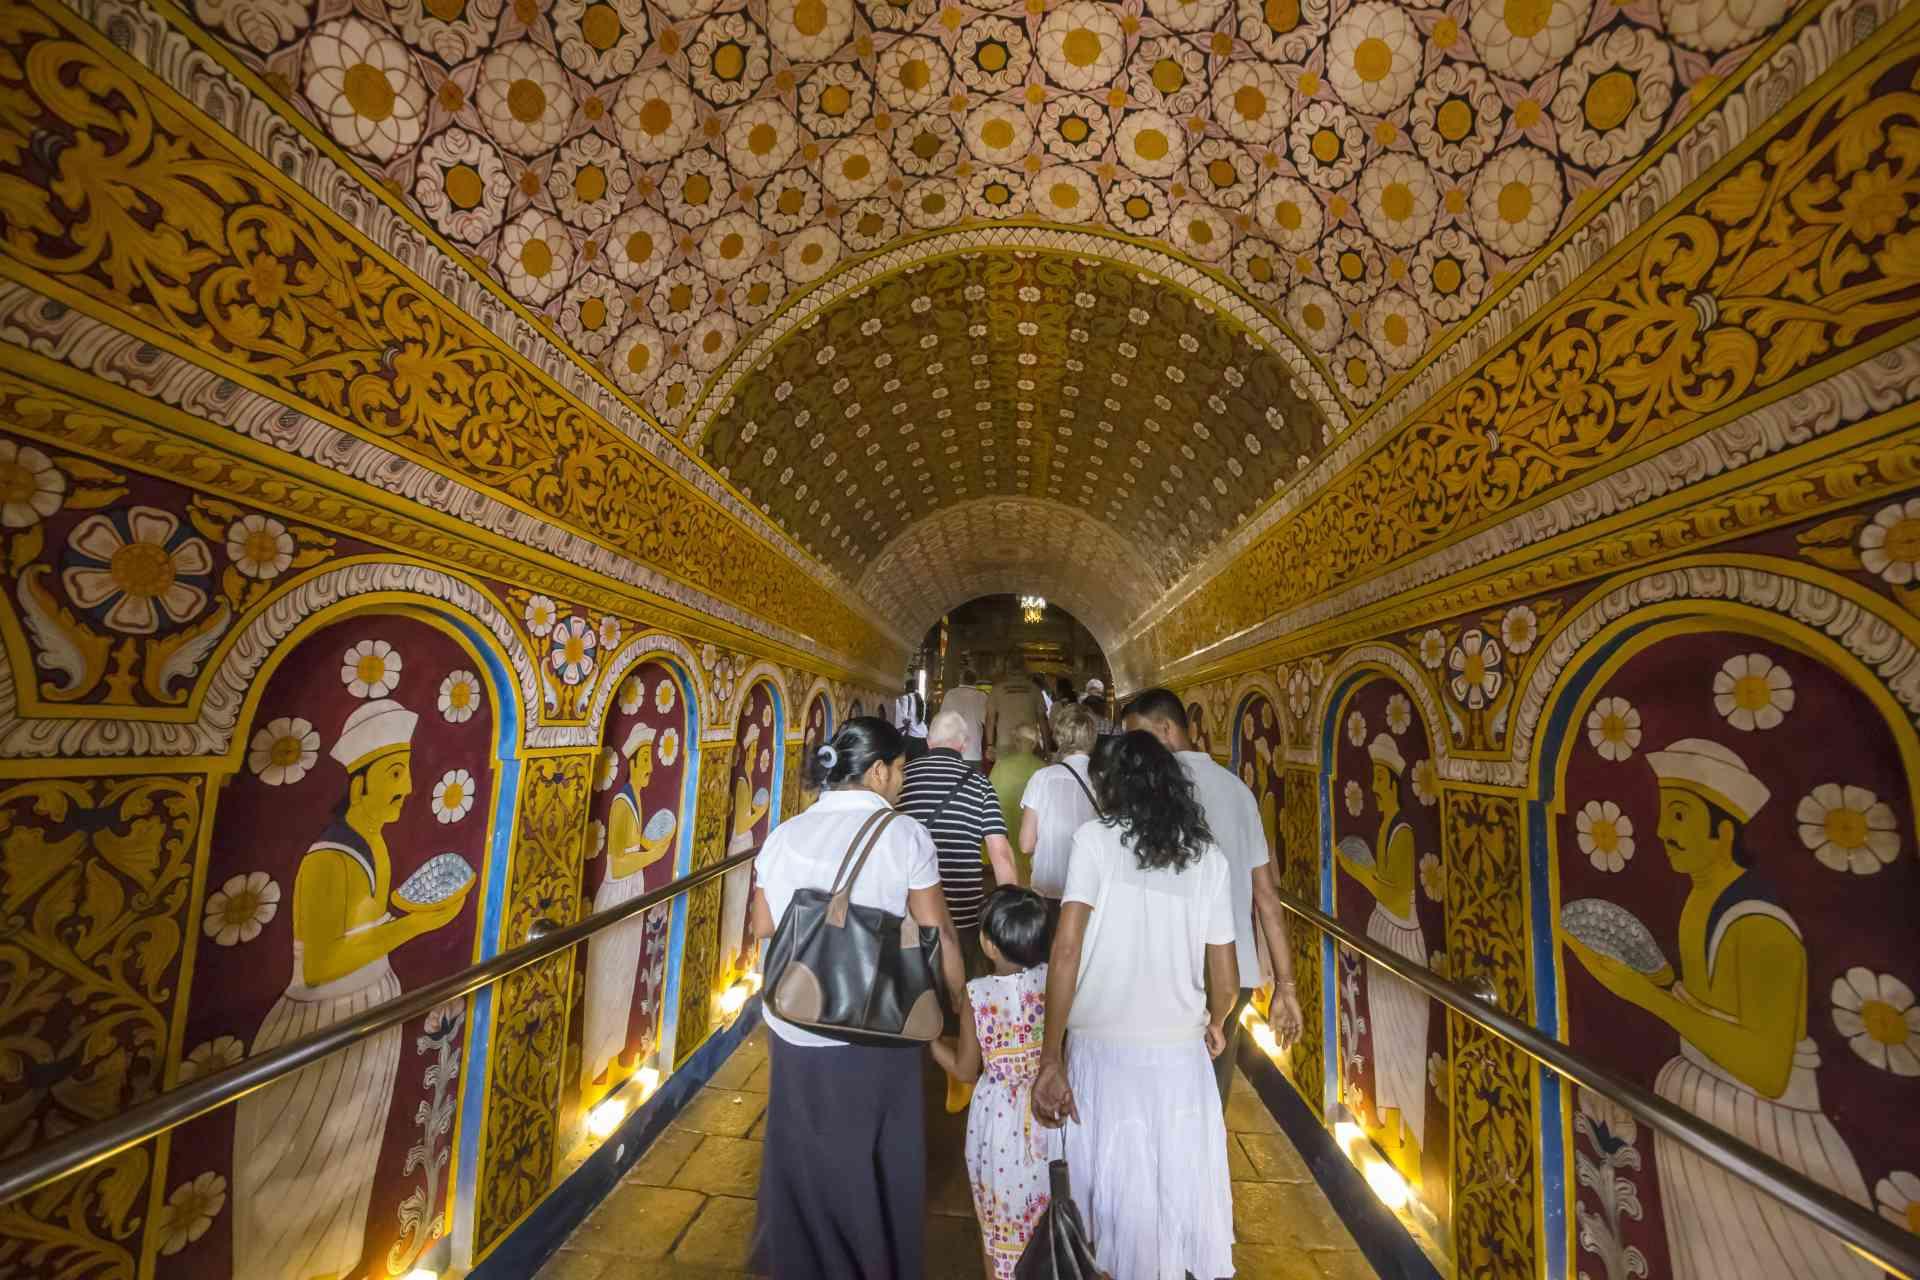 Kandy Temple entrance, Sri Lanka by David Hein